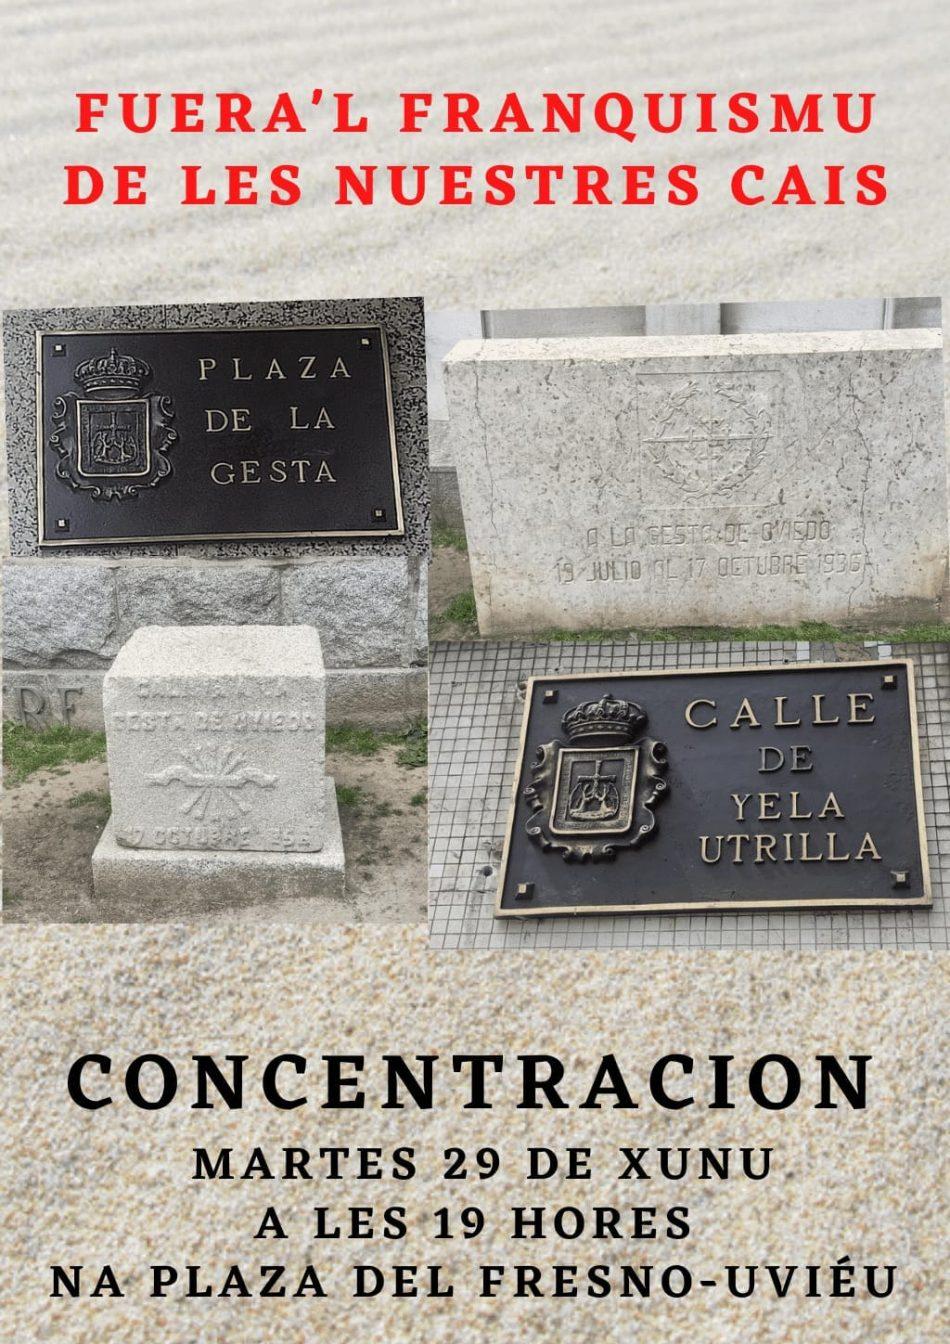 Concentración en Oviedo el 29 de junio: «fuera el Franquismo de nuestras calles»